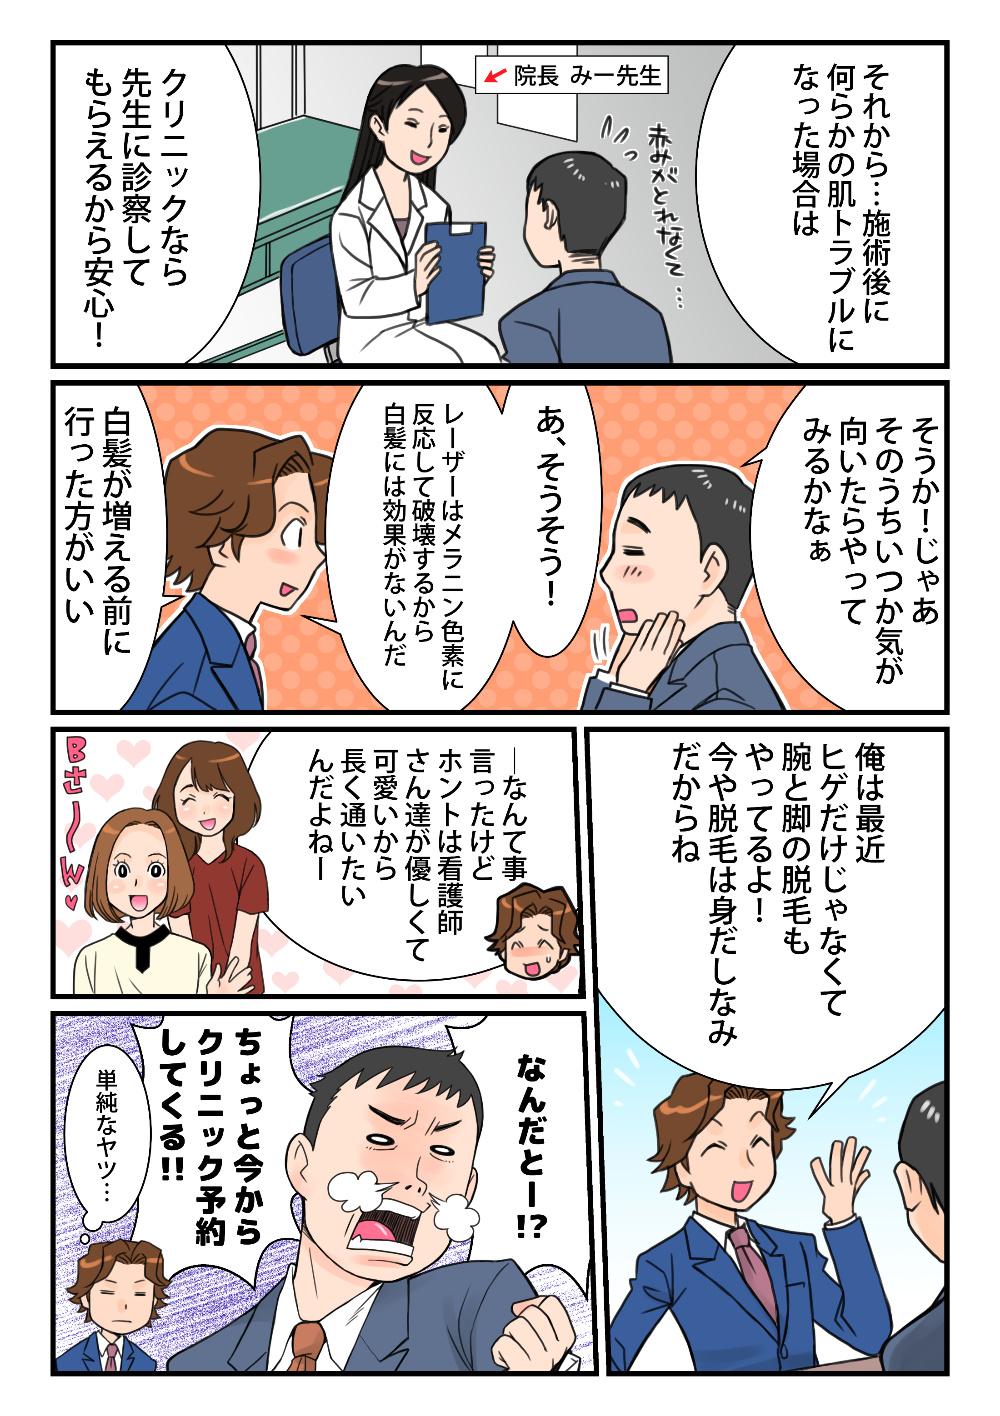 脱毛漫画男性3